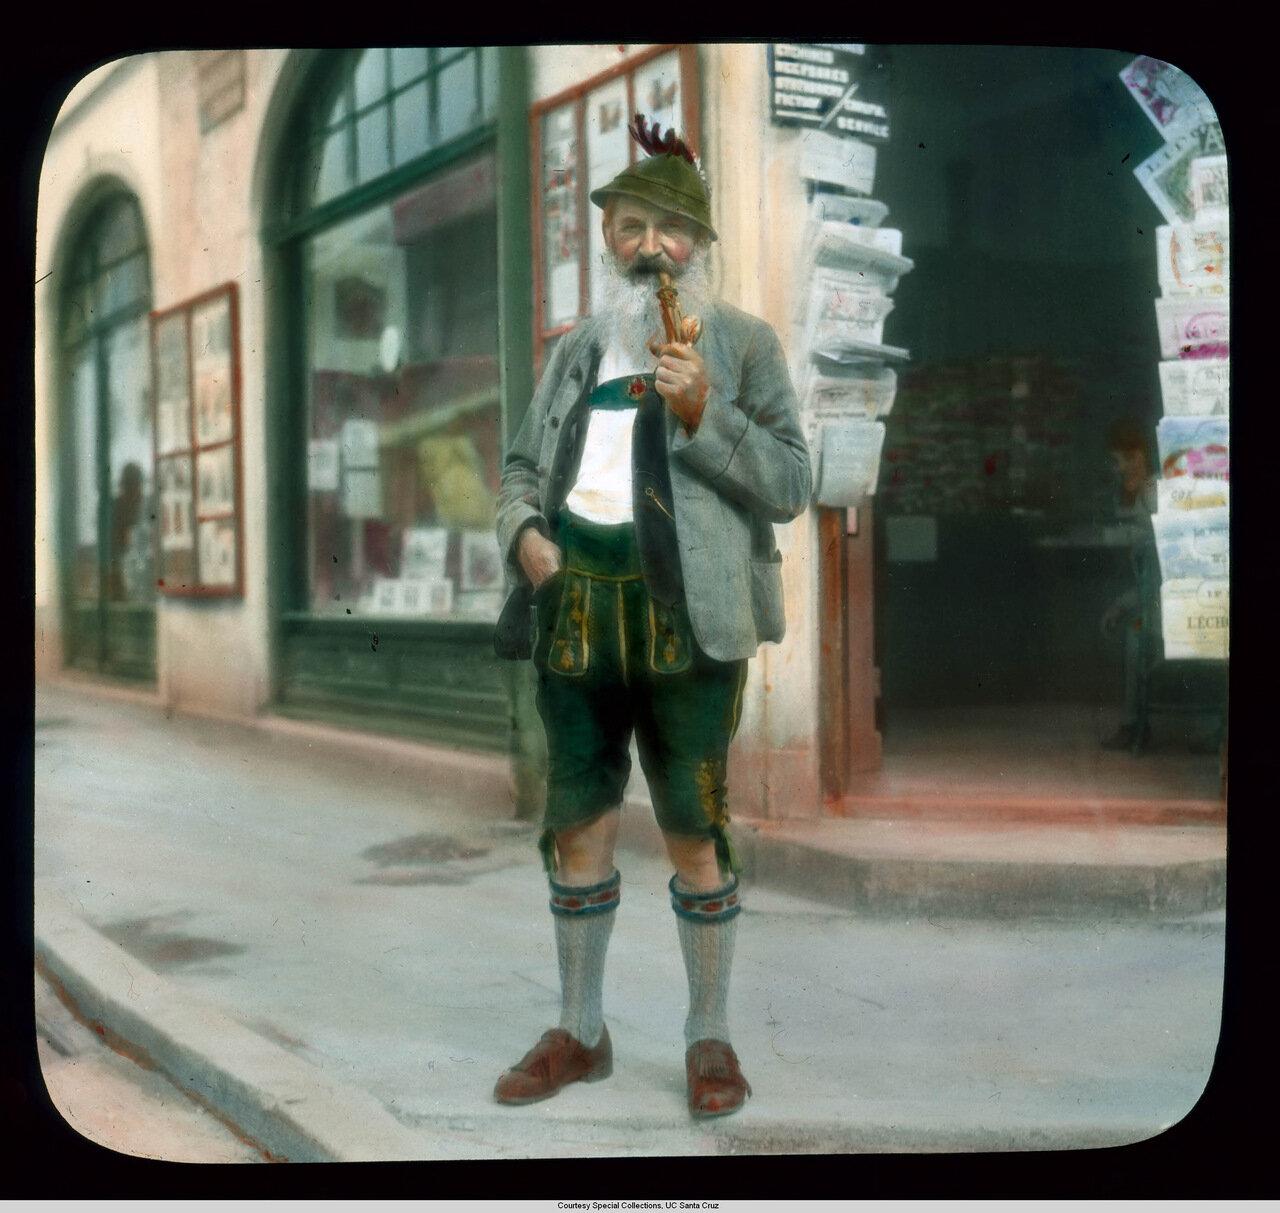 Обераммергау. Страсти Христовы. Баварец в традиционном костюме курит трубку возле Театра Страстей Господних